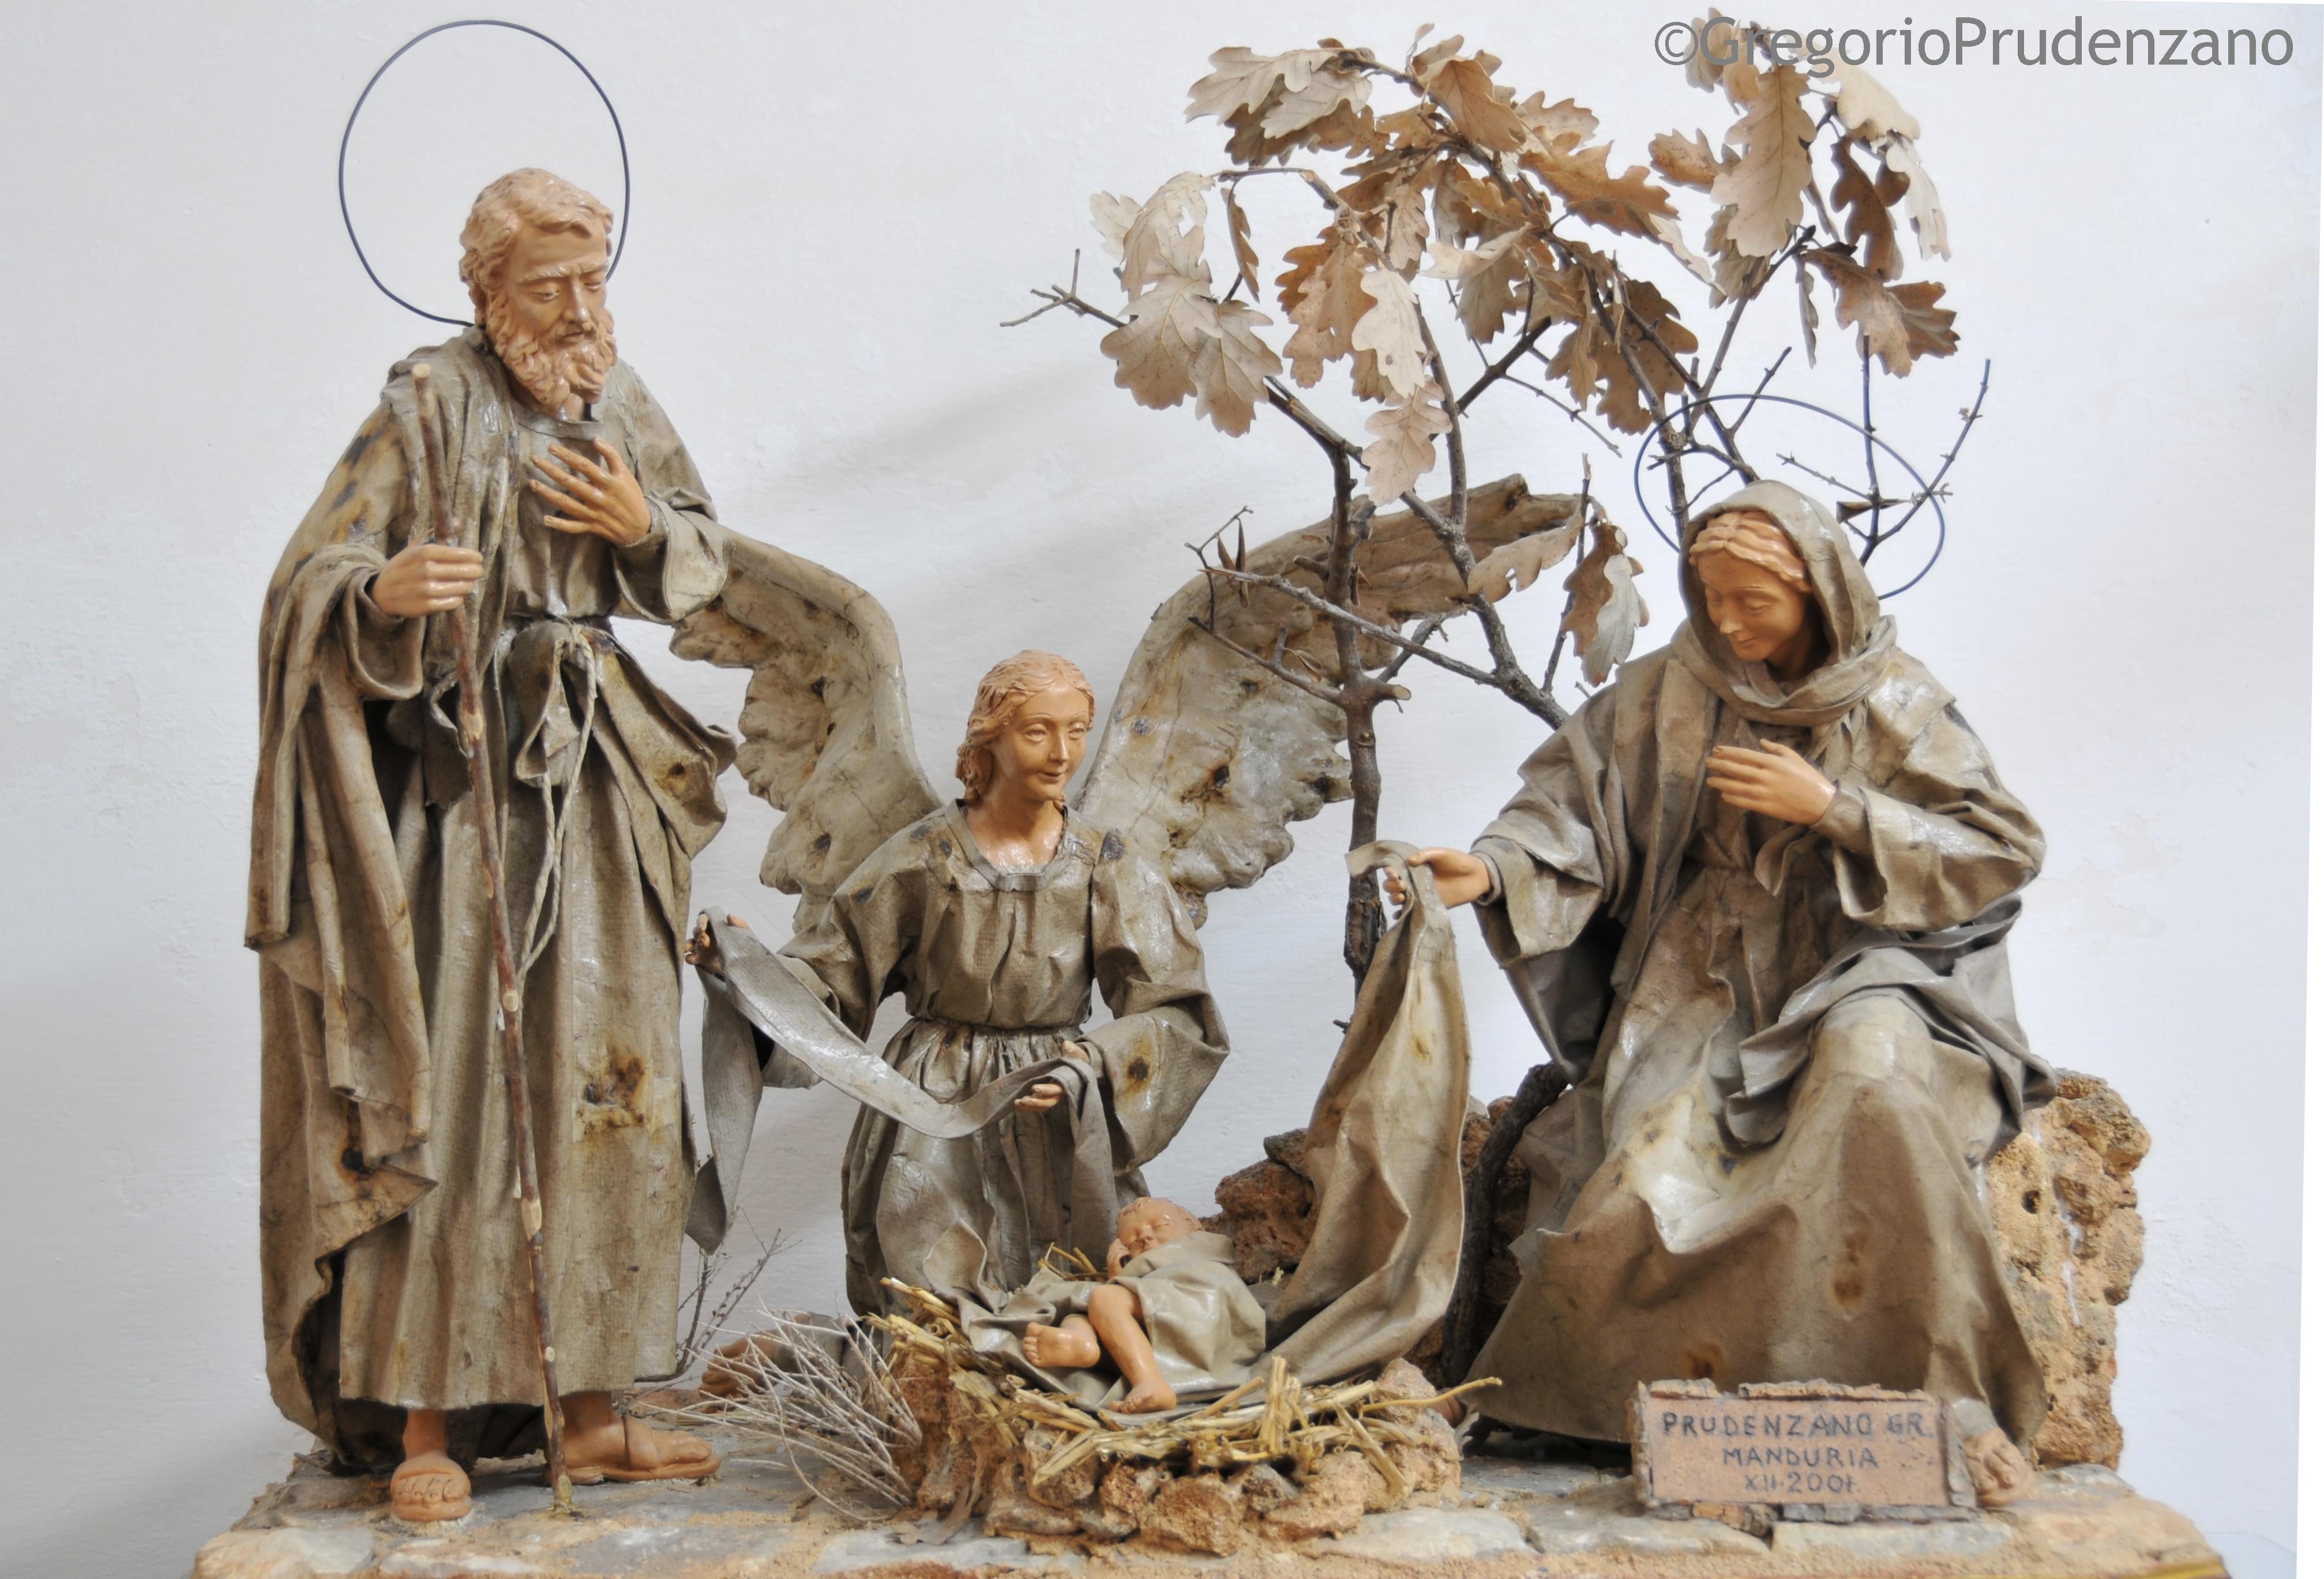 Presepi gregorio prudenzano presepi e statue in cartapesta for Cartapesta leccese tecnica